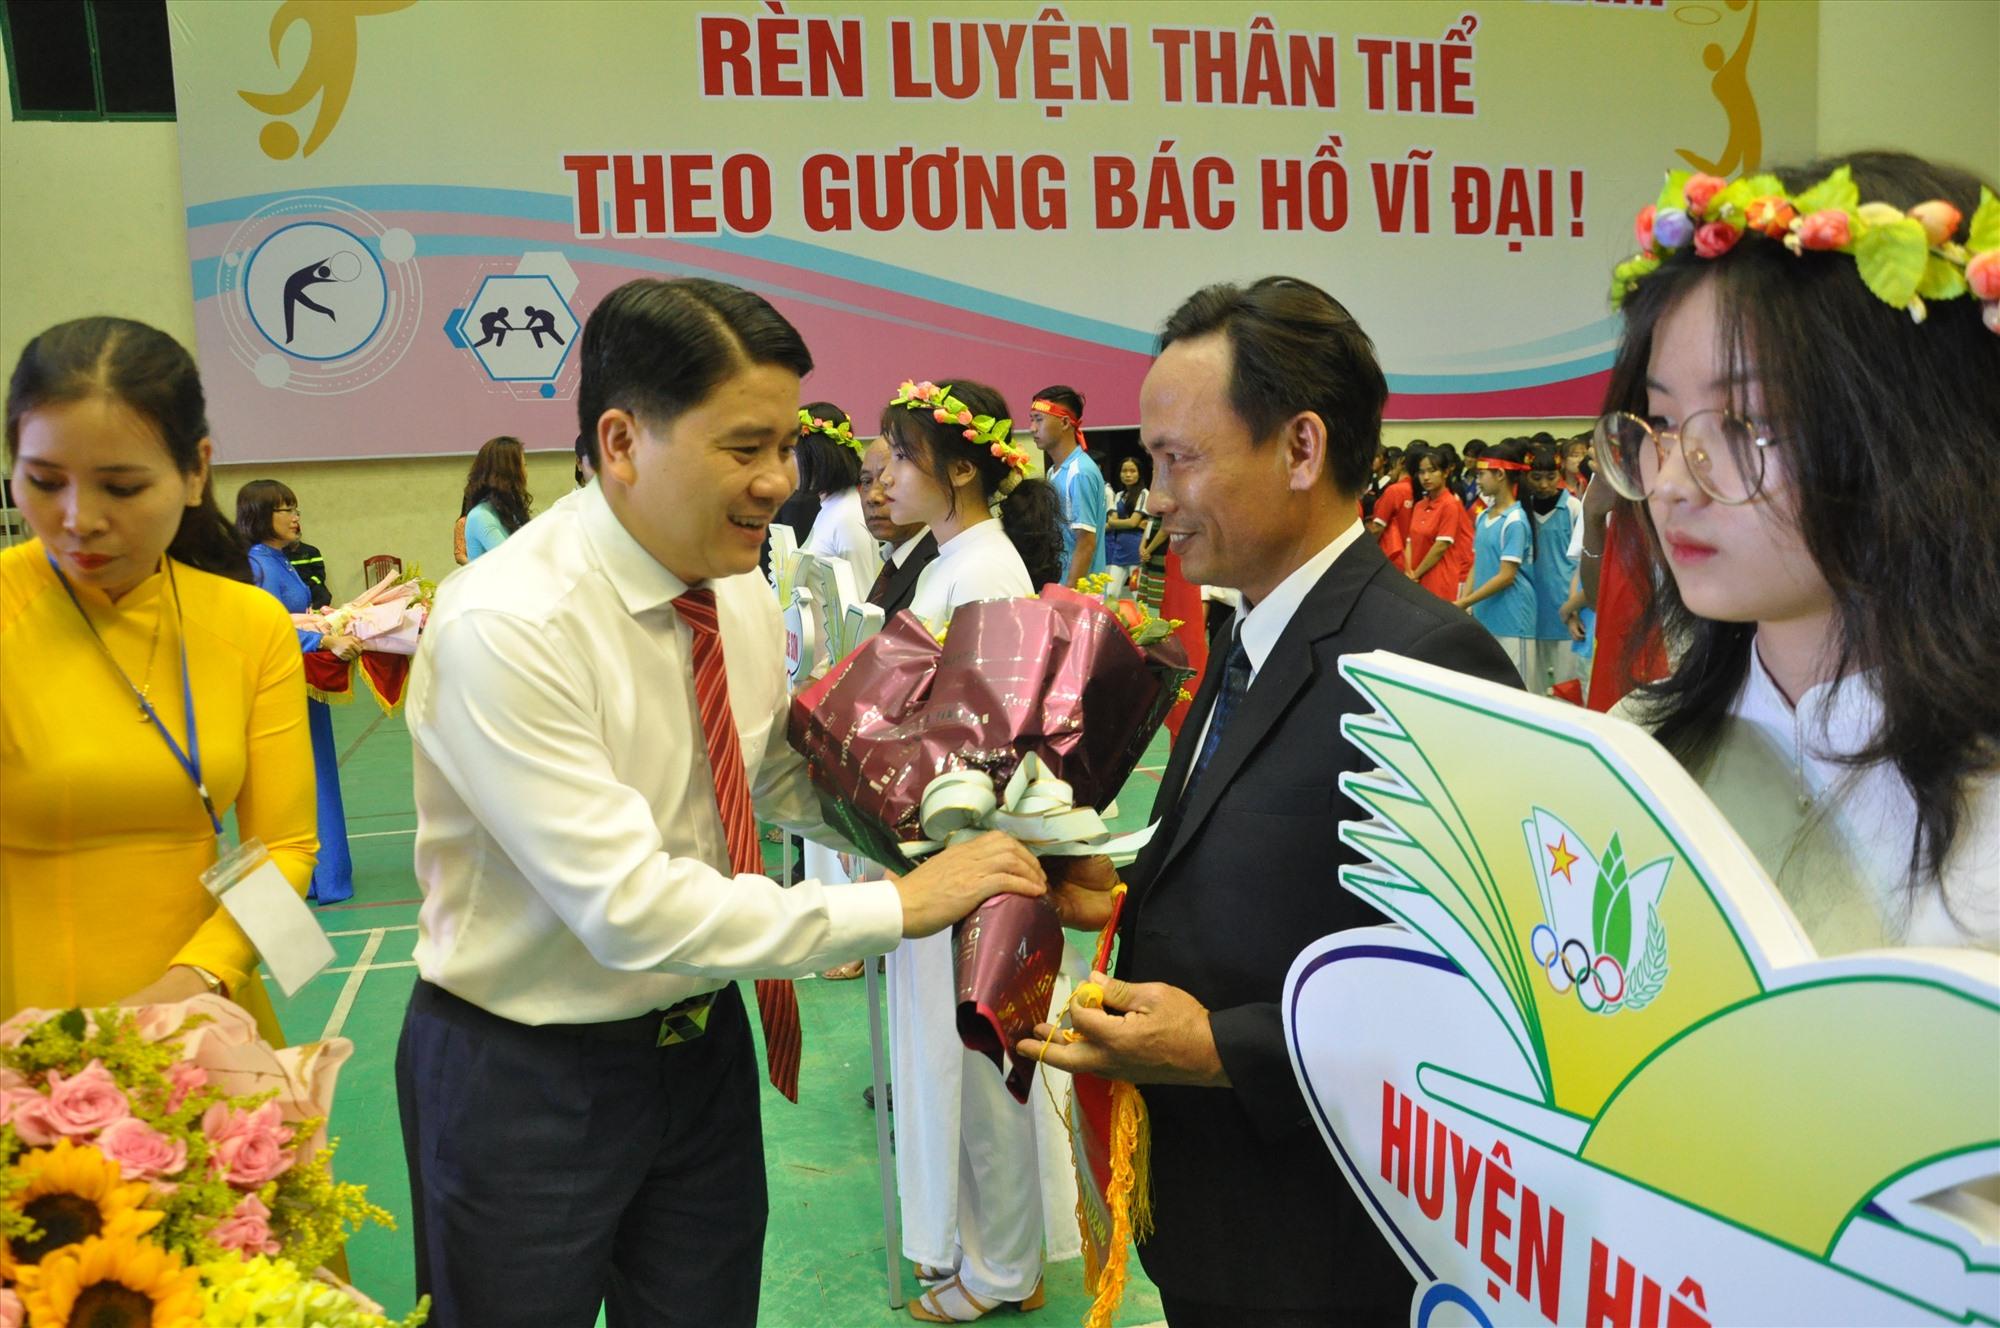 Phó Chủ tịch UBND tỉnh Trần Văn Tân động viên các đoàn tham gia HKPĐ tỉnh. Ảnh: X.P